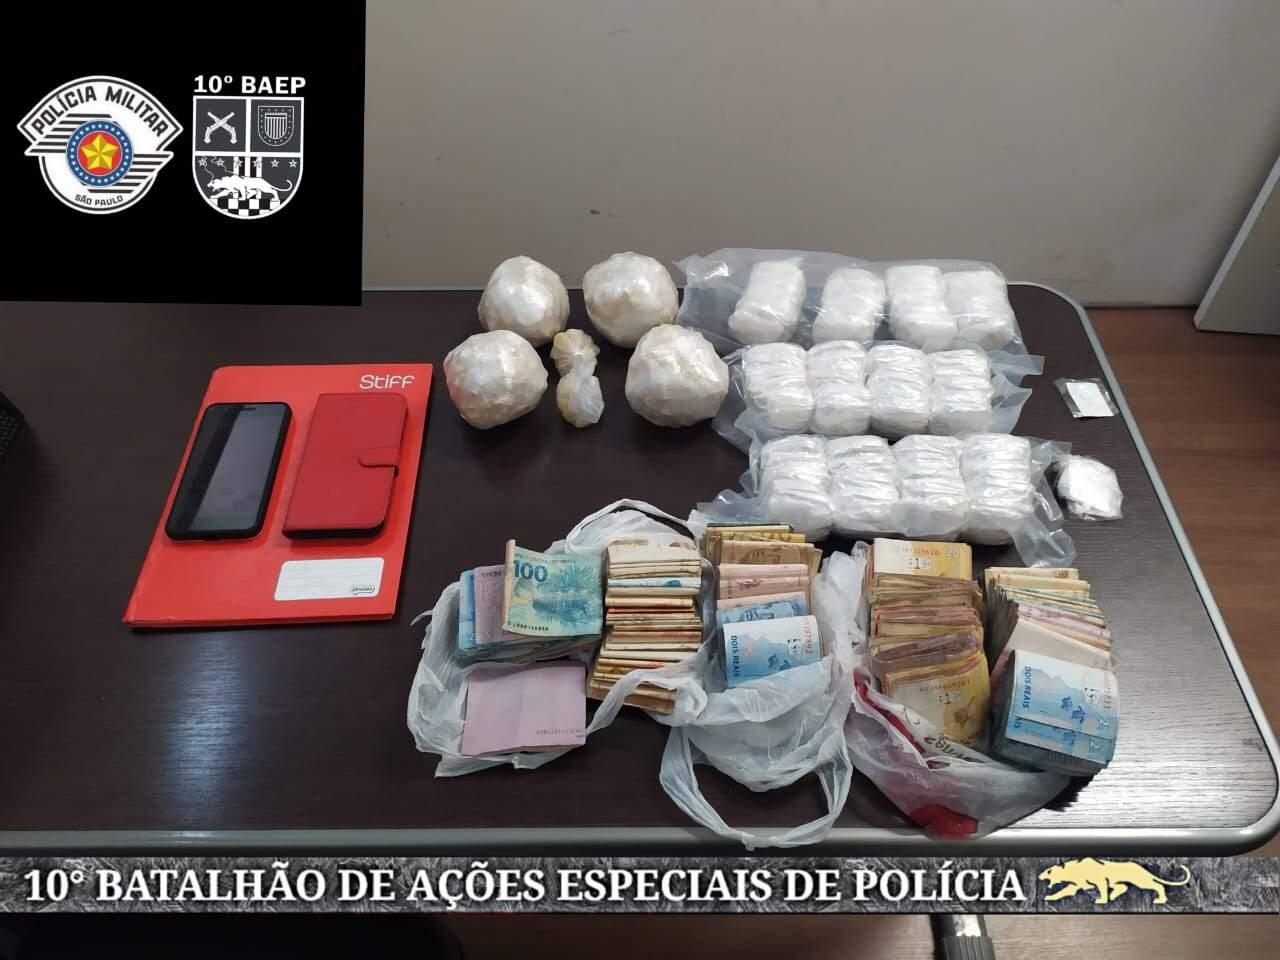 Casal responsável por 'biqueira' é detido com drogas e R$ 14 mil